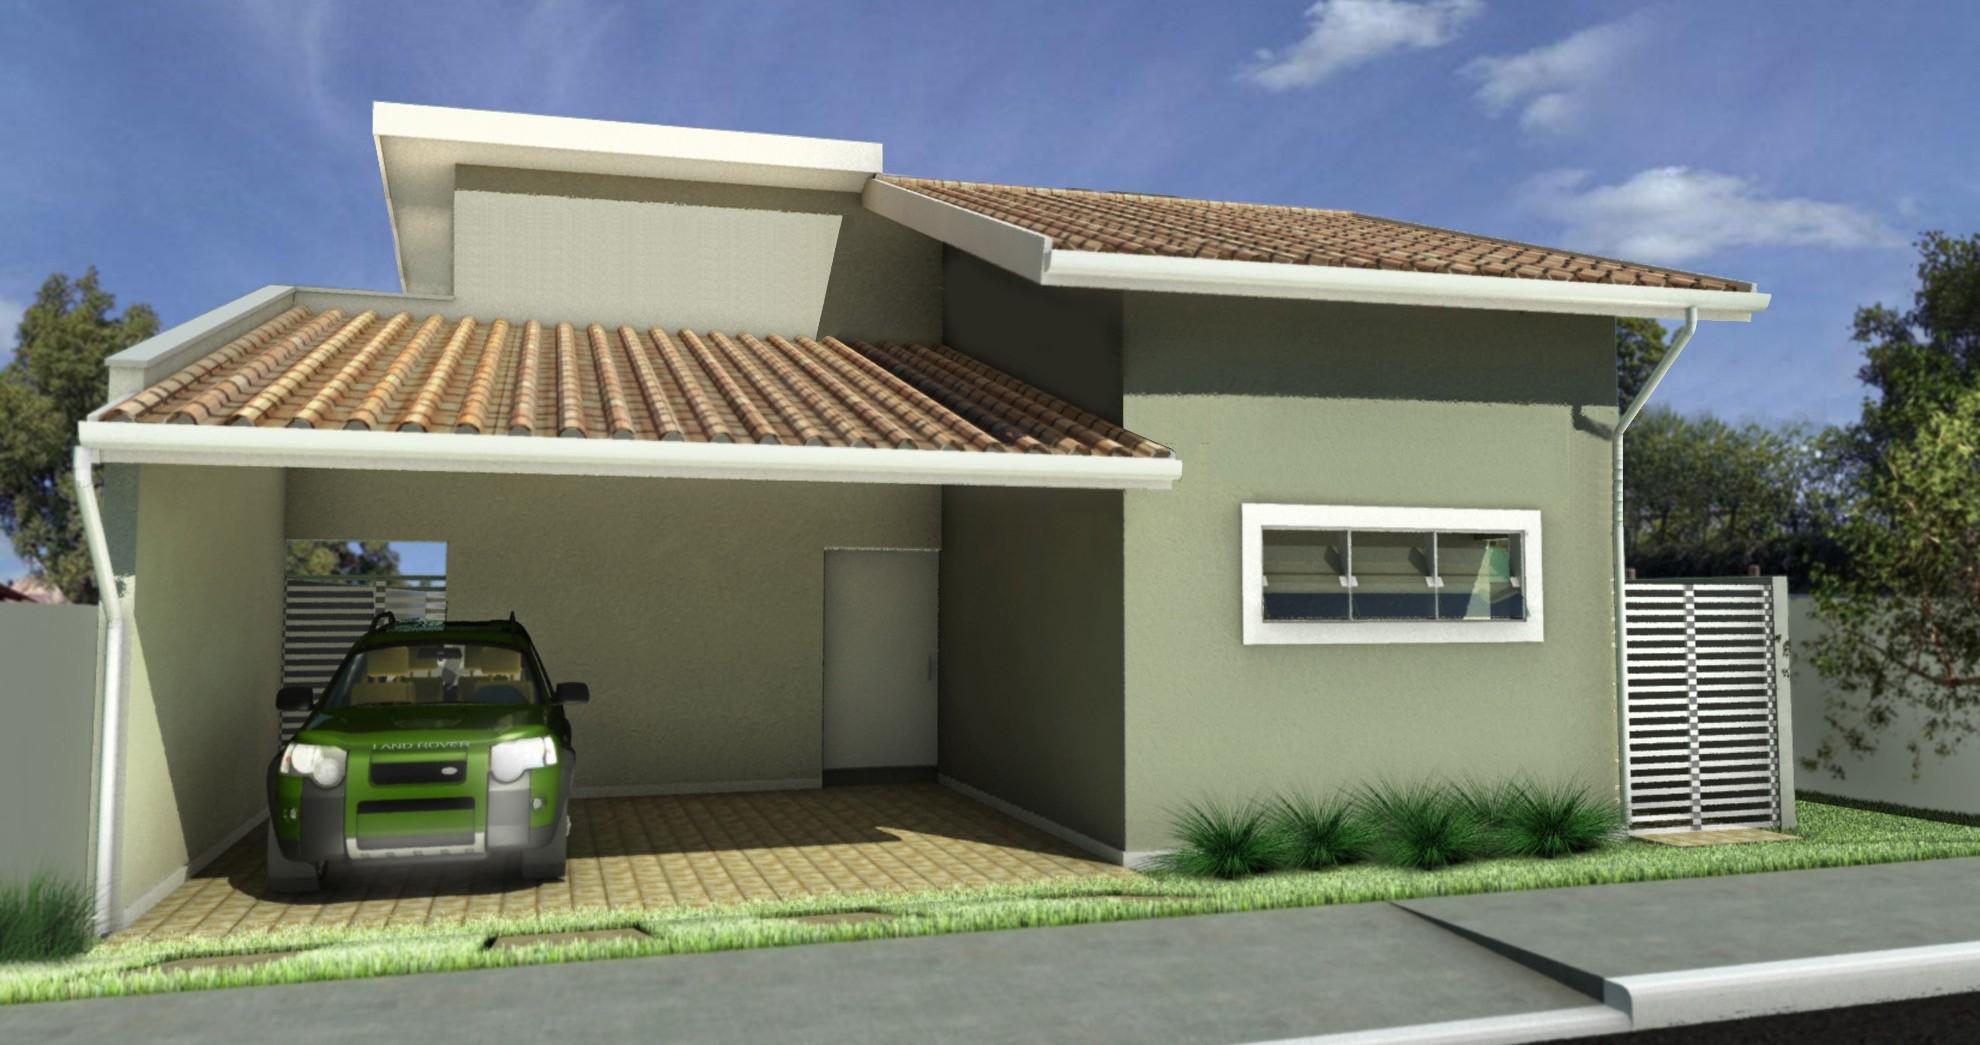 27 modelos de frentes de casas simples e modernas for Modelos jardines para casas pequenas